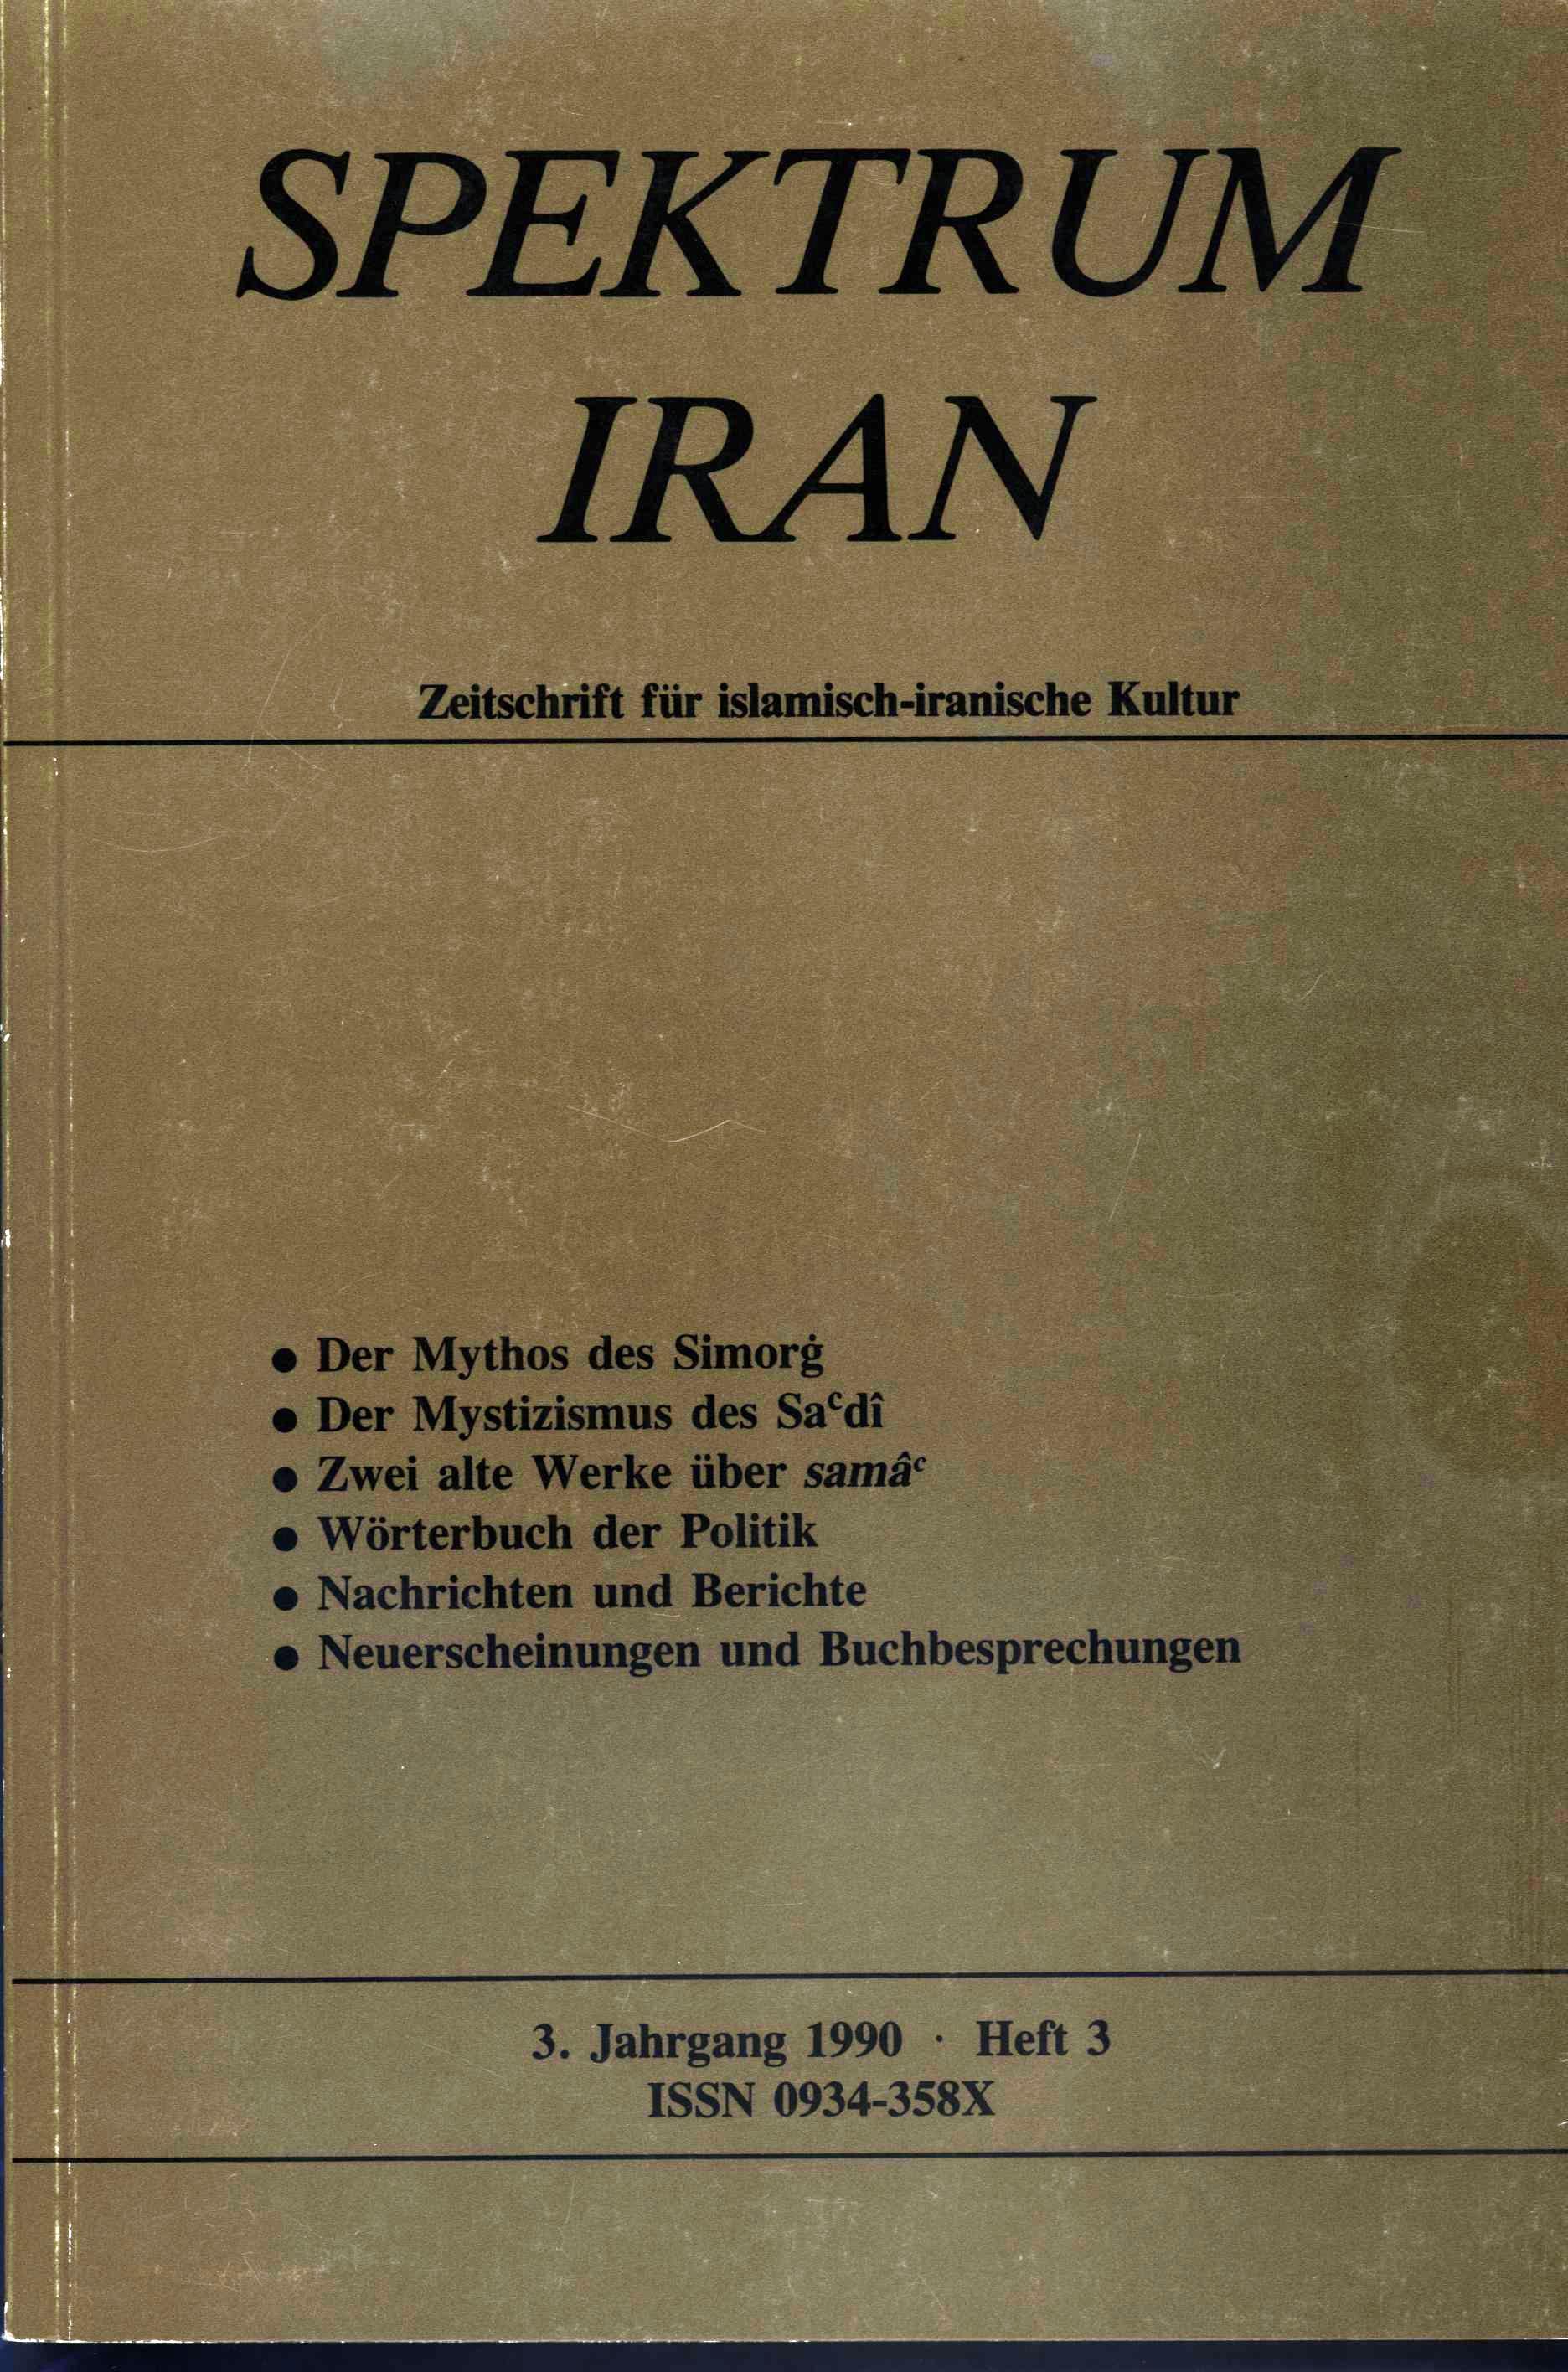 Spektrum Iran 3 - 1990